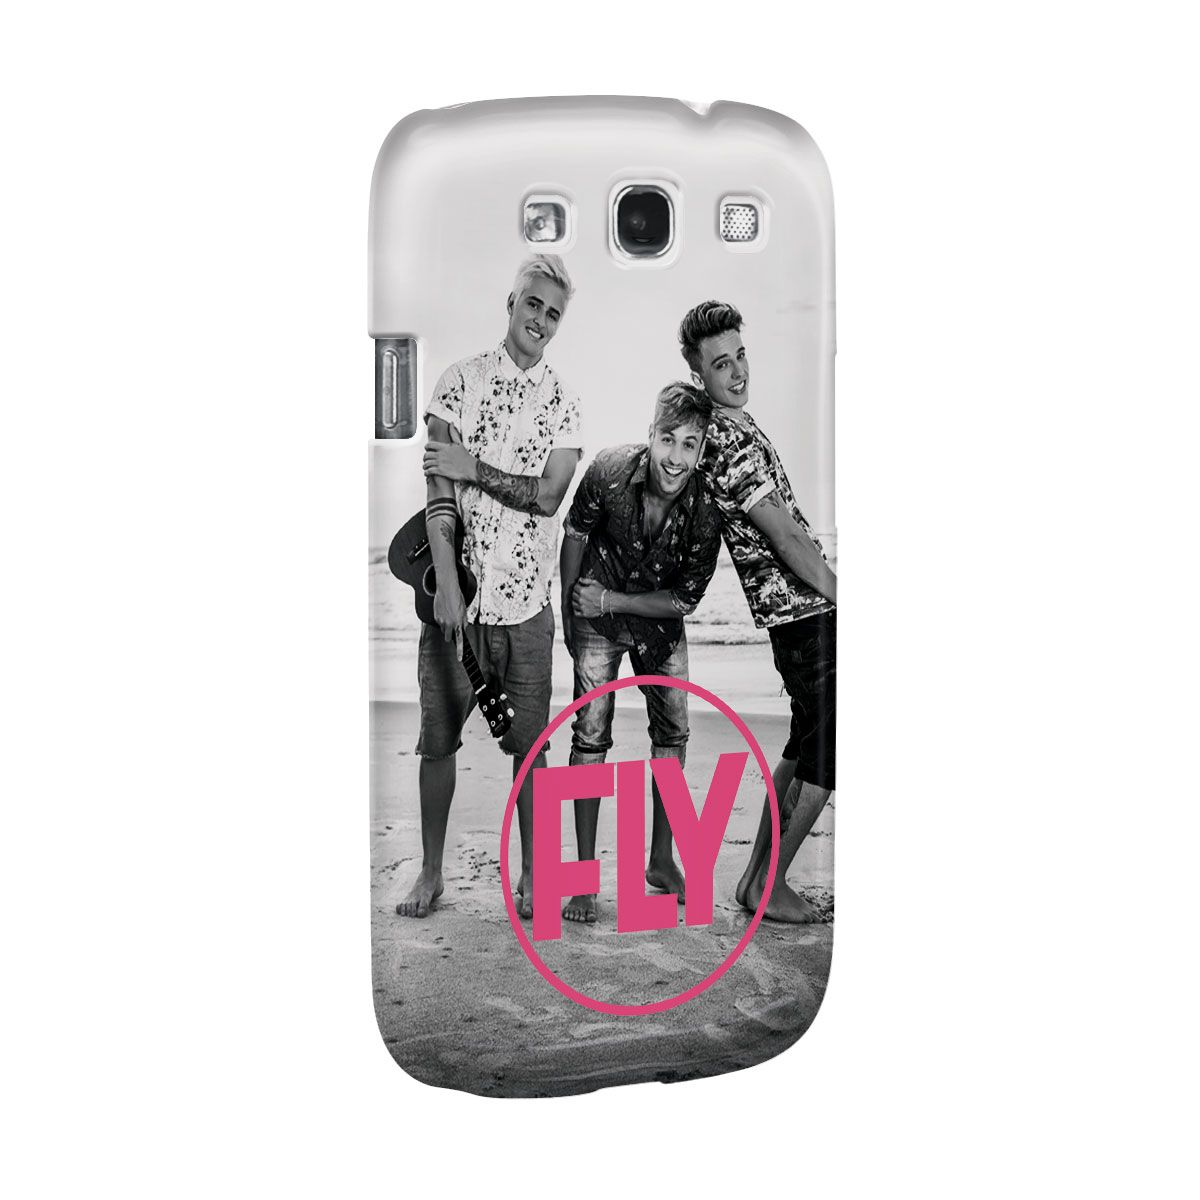 Capa para Samsung Galaxy S3 Banda Fly Foto